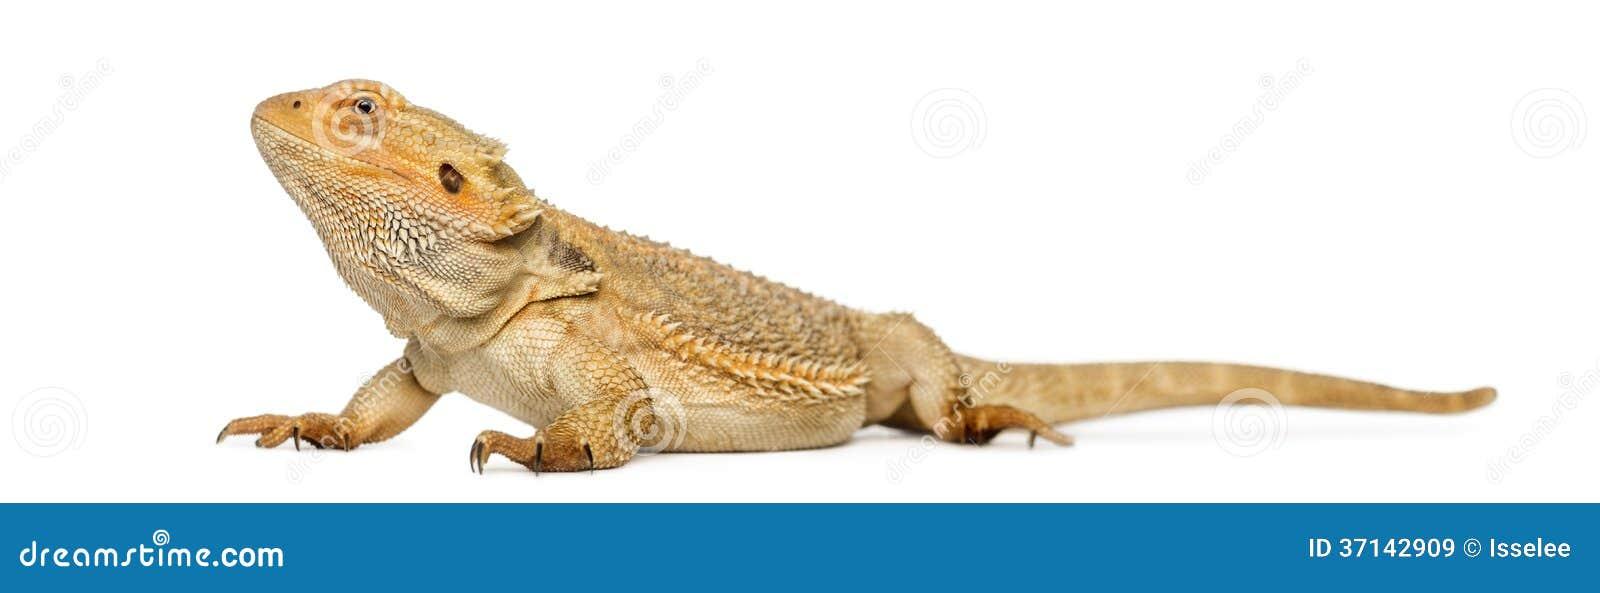 Bearded Dragon, Pogona Vitticeps Royalty Free Stock Images - Image ...